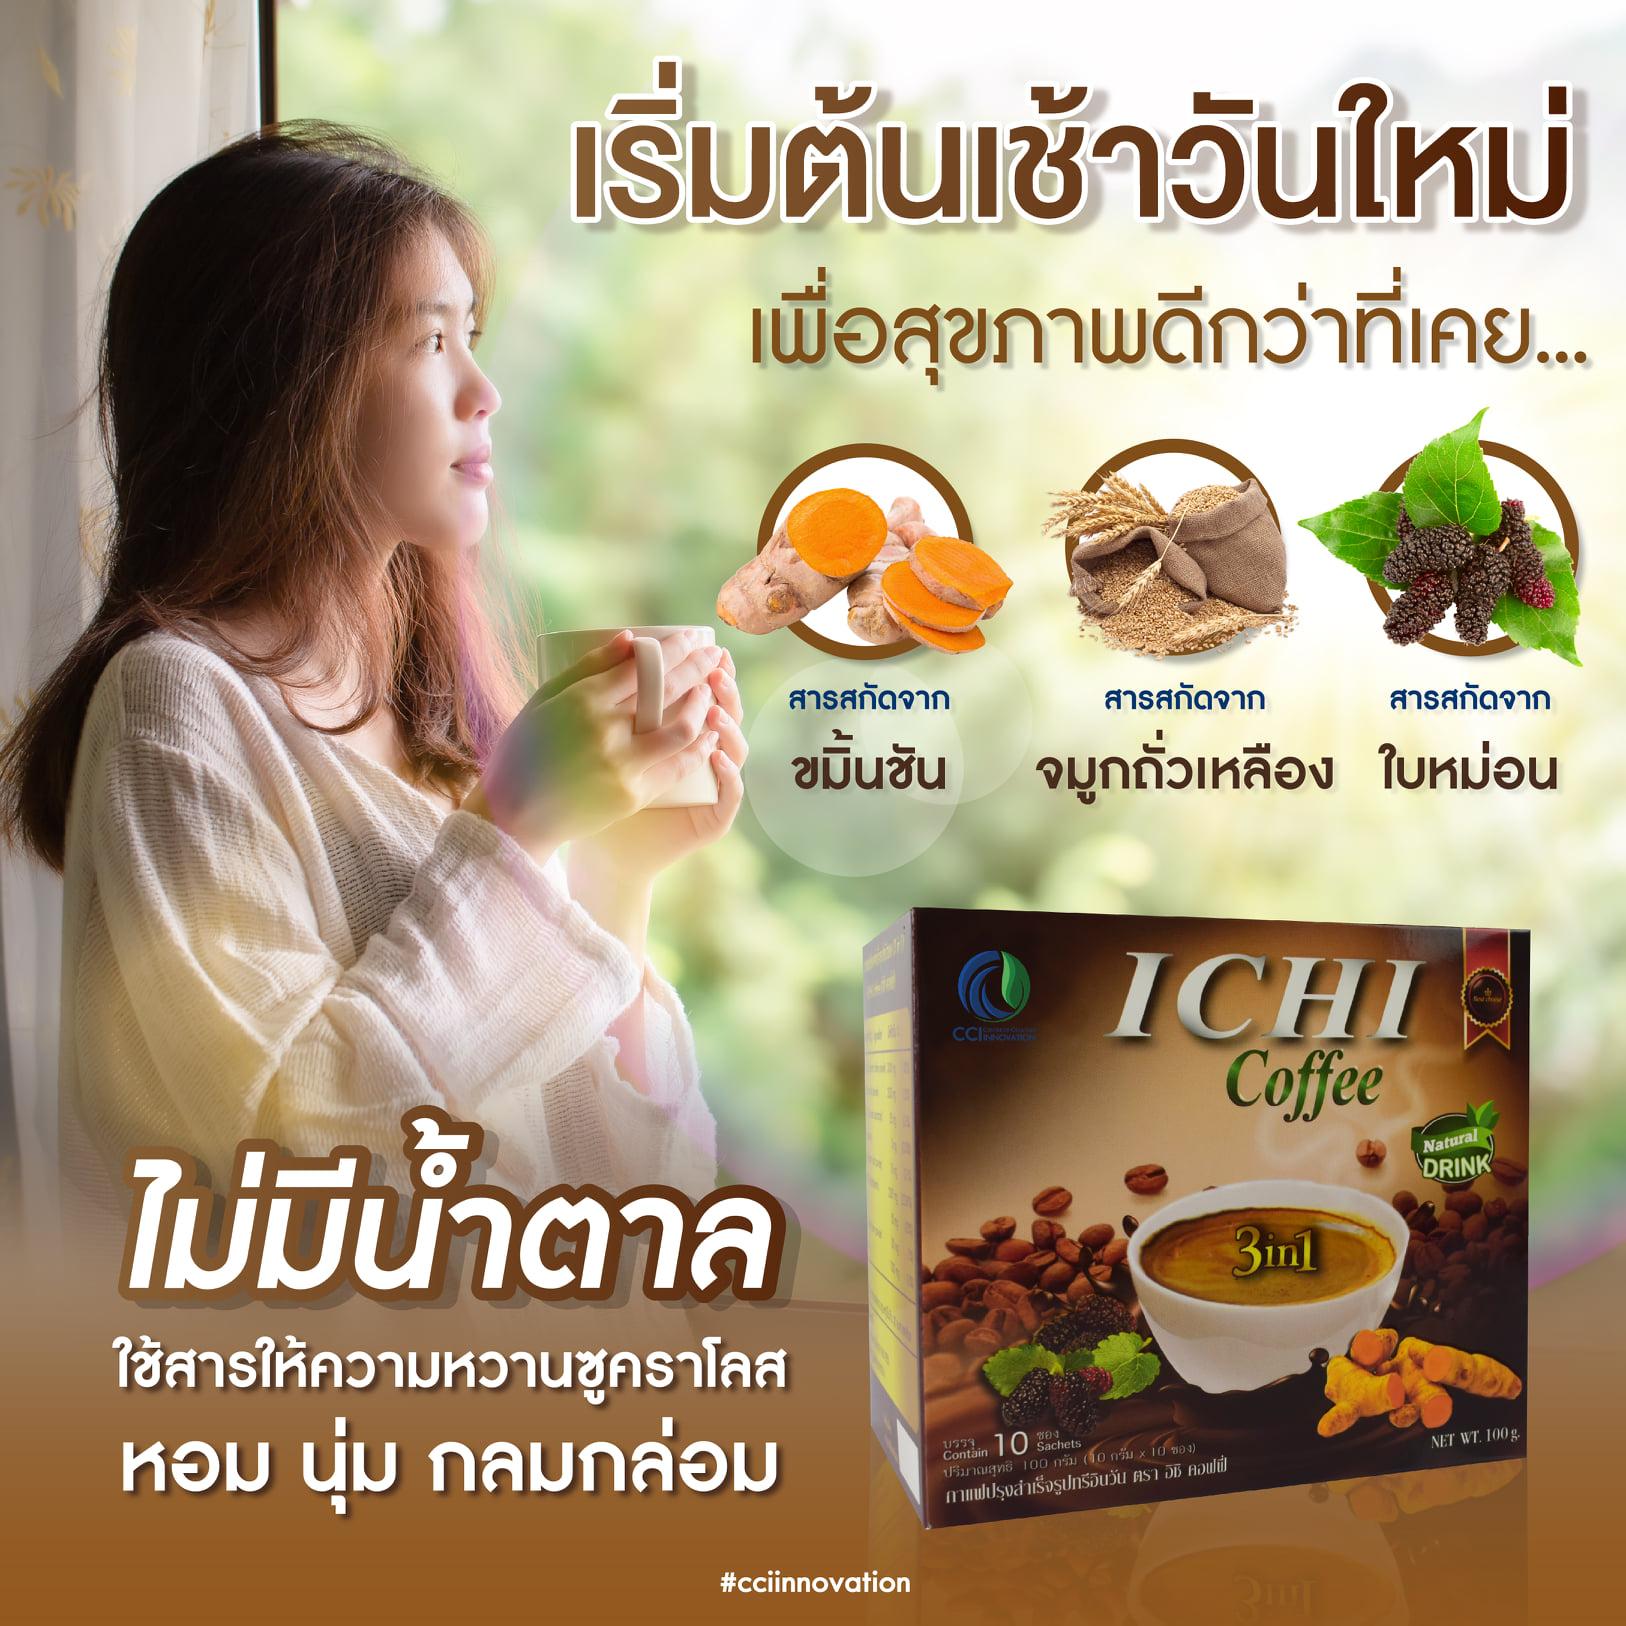 อิชิคอฟฟี่ กาแฟเพื่อสุขภาพ